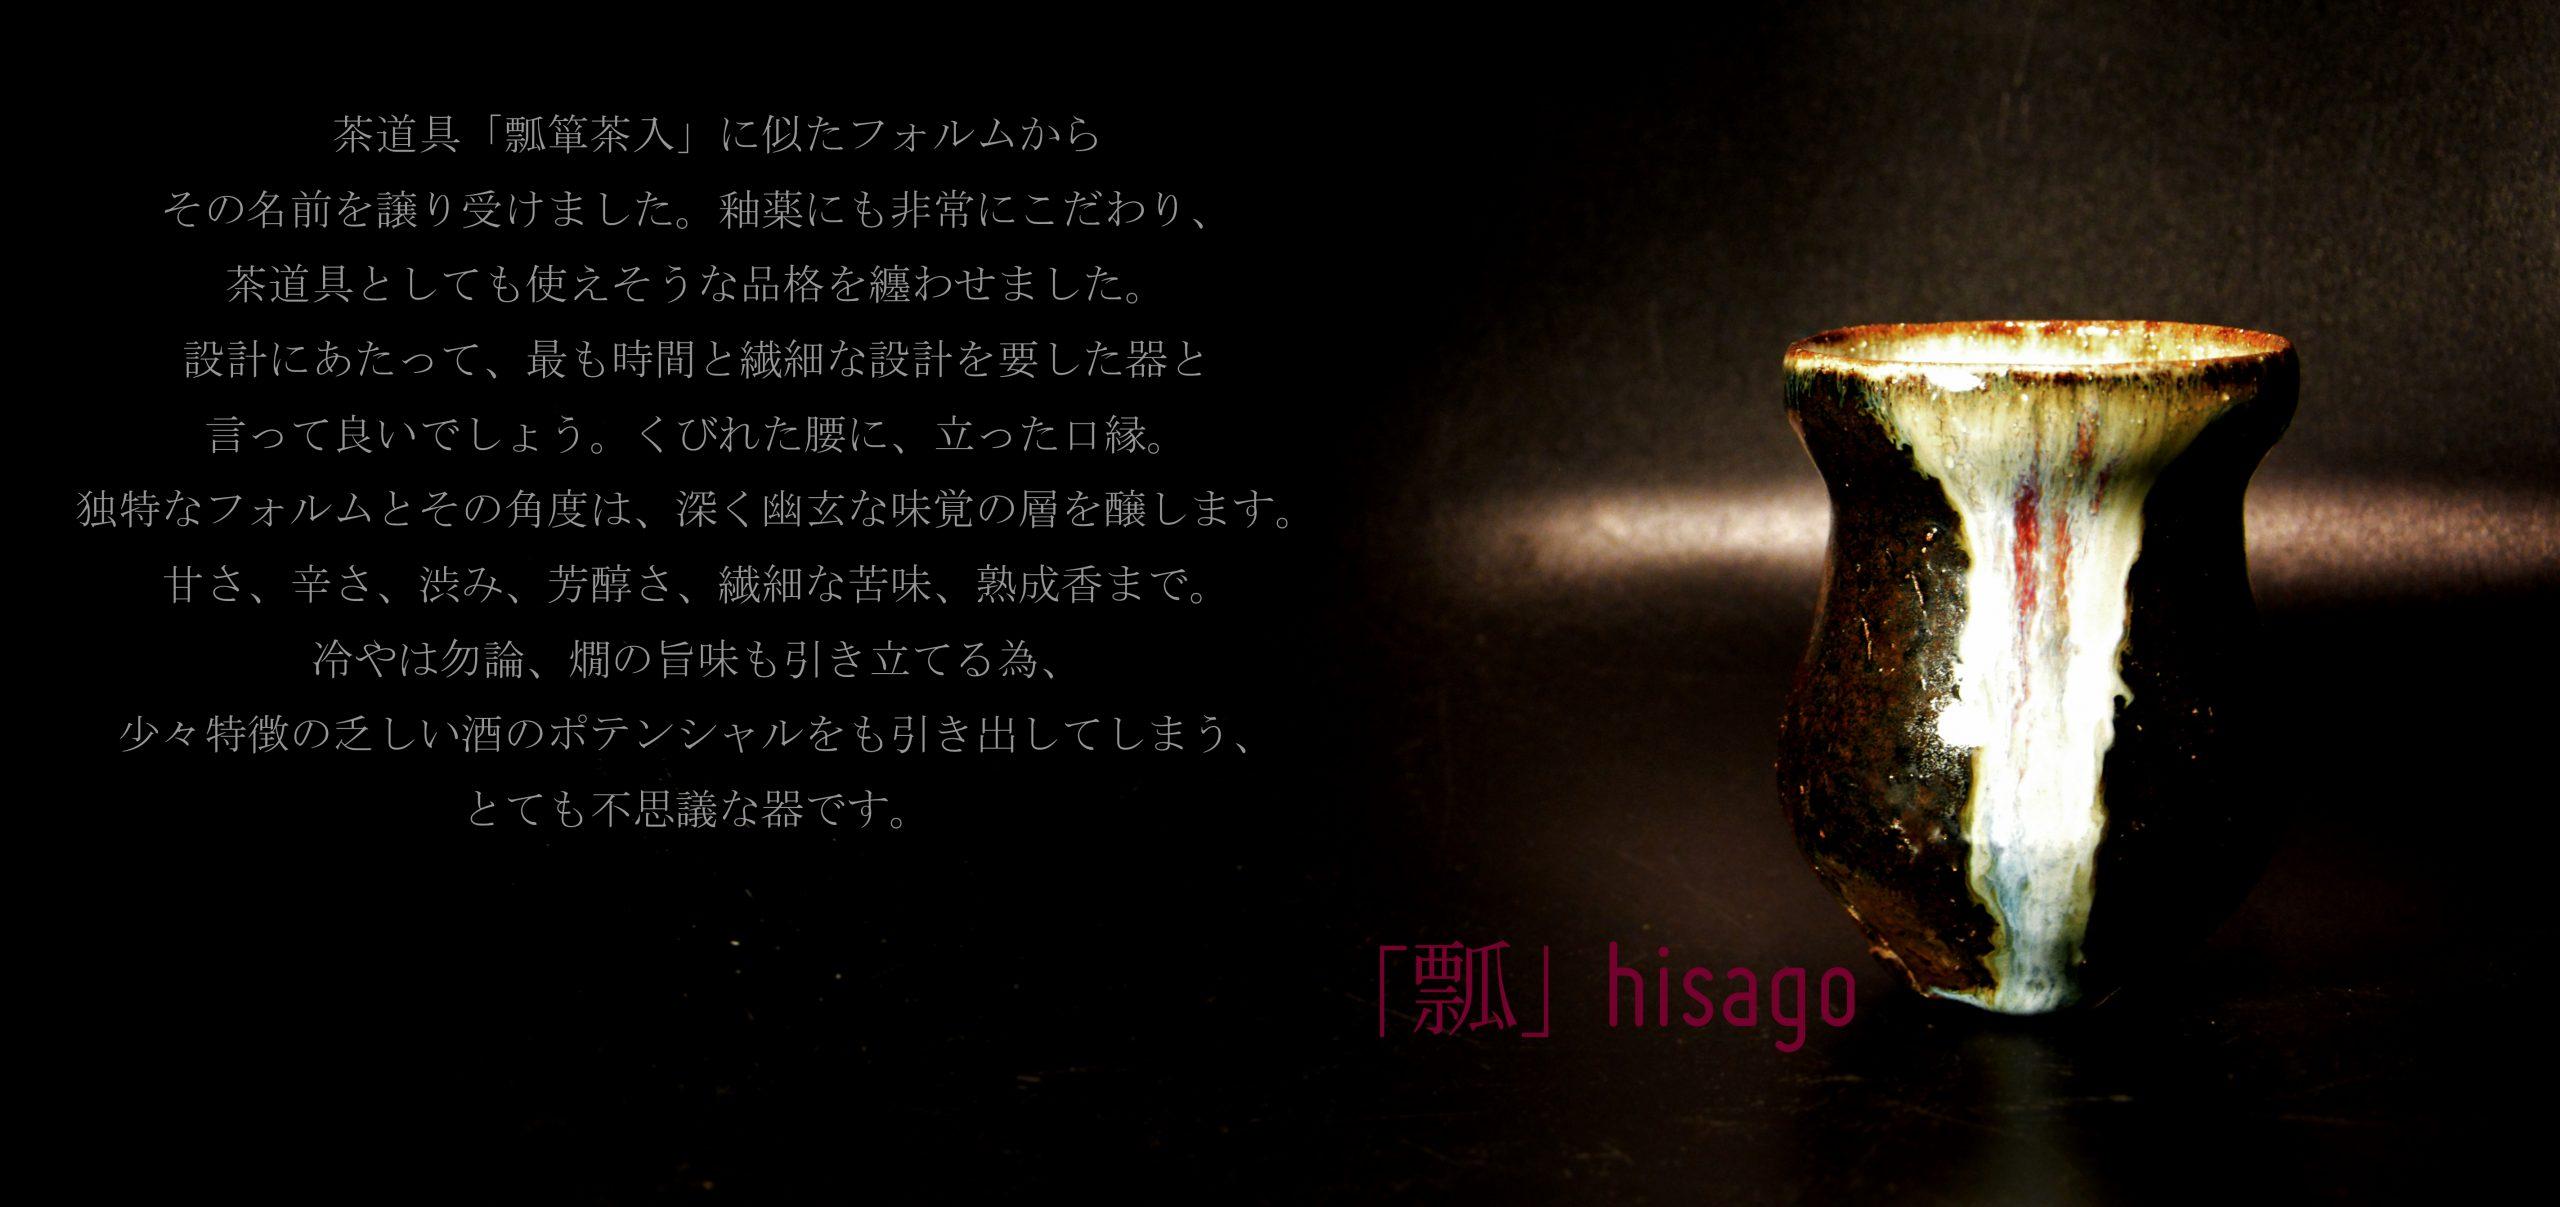 hisago